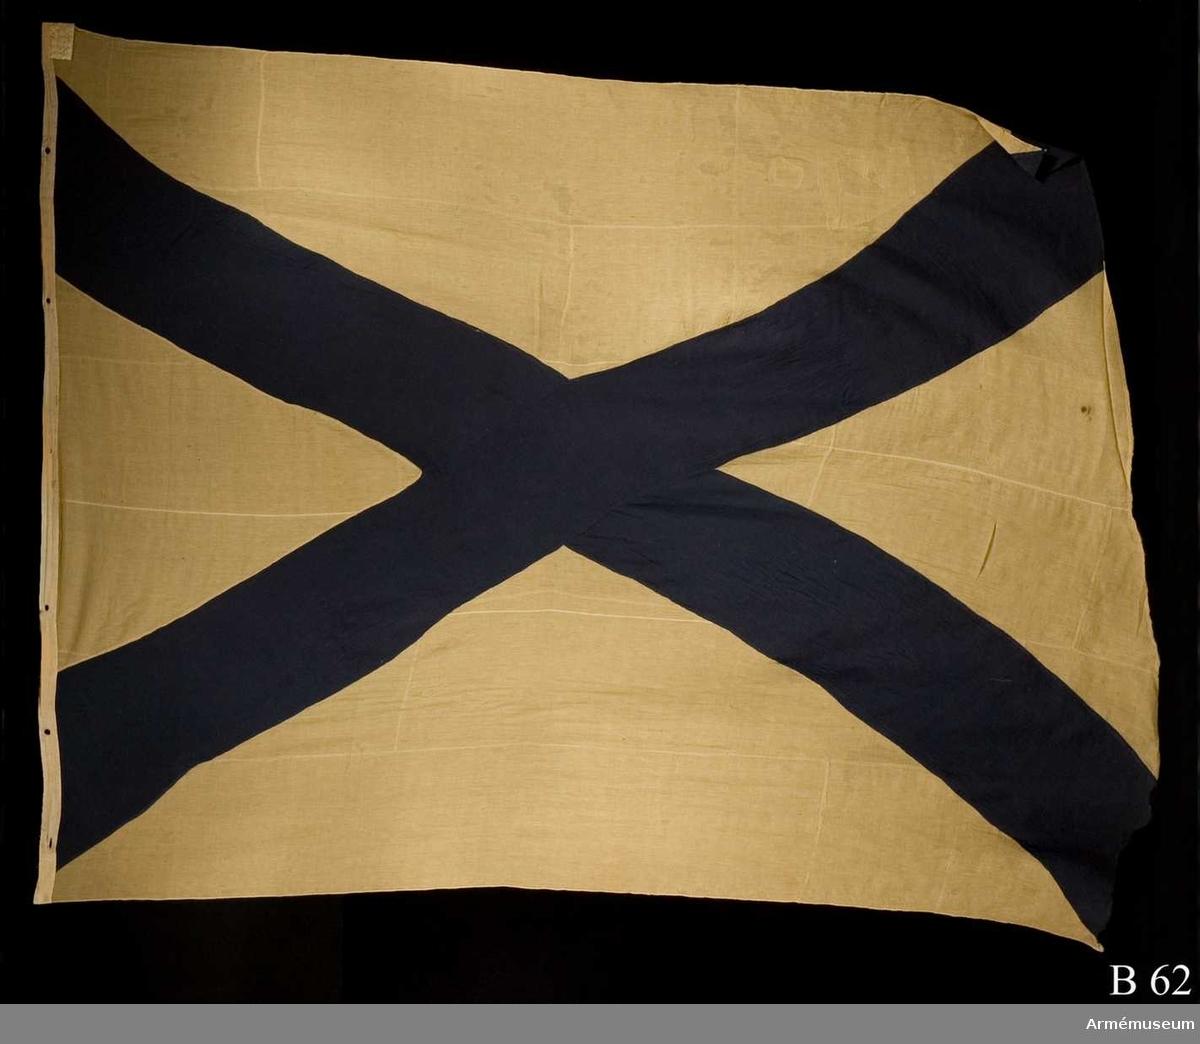 """Vit duk med infällt blått andreaskors. Lik av vitt linne med trensade hål. På flaggan är i övre stånghörnet en etikett av pergament fastsydd med texten: """"Denna ryska flagg, 6 duk, är tagen uti bataillen vid Svenskund under Hans Kungl Majts egit höga befäl och anförande den 9 julij år 1790. No 15""""."""